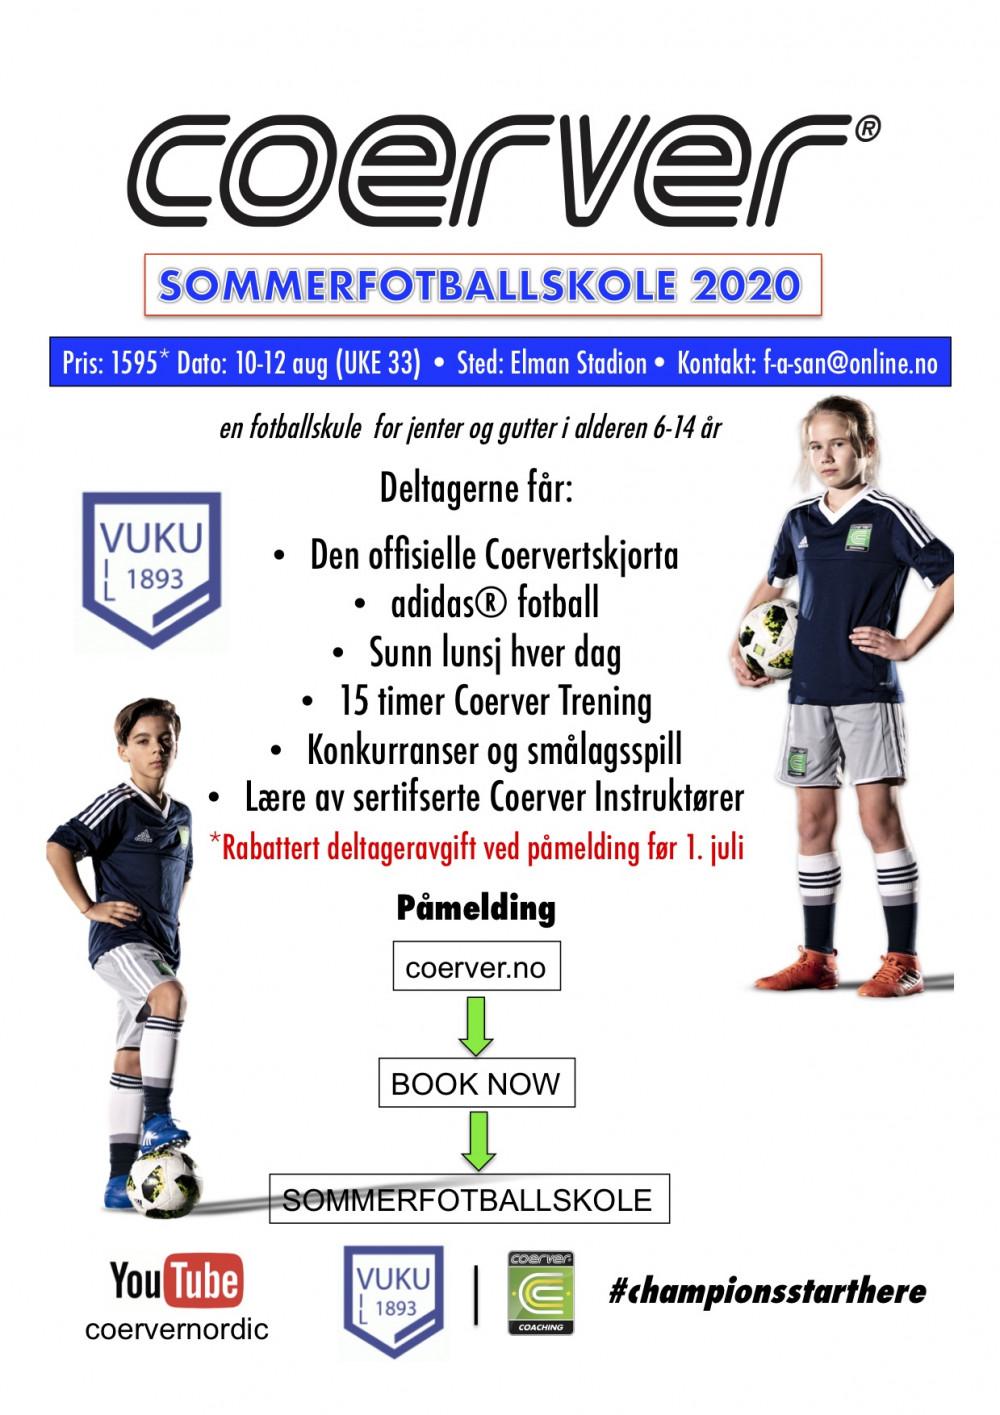 Coerver Sommerfotballskole hos Vuku IL (UKE 33) 2006-2013